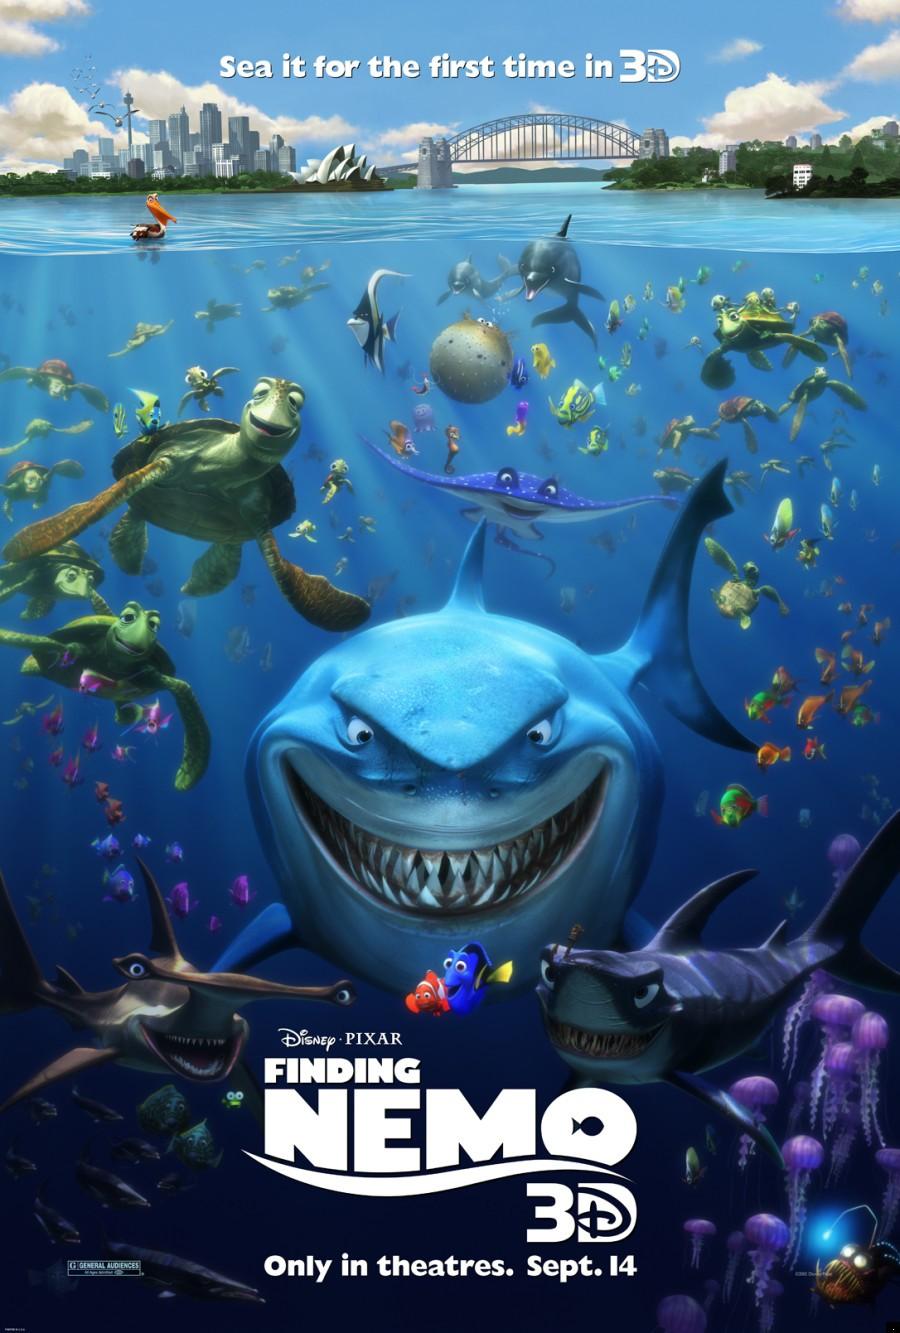 Le Monde De Nemo Personnages : monde, personnages, Cosmic, Itinéraire, Cinéblogger:, Review, Monde, L'Océan...Sous, L'Océan...